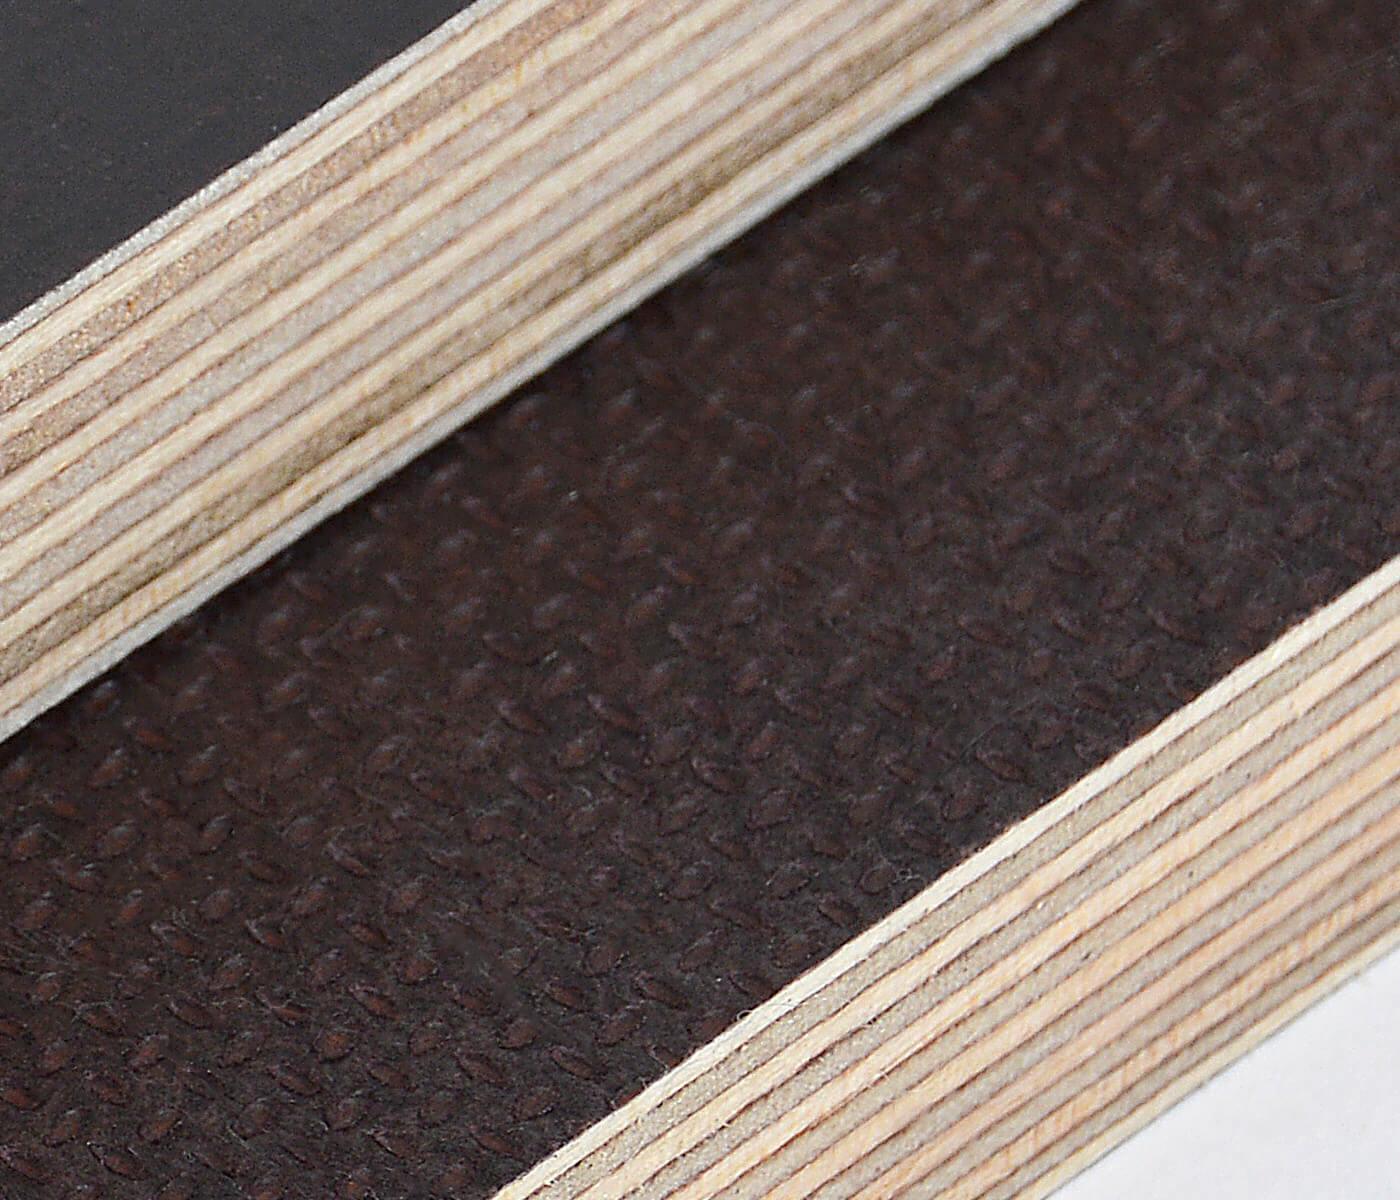 Siebdruckplatte 12mm Zuschnitt Multiplex Birke Holz Bodenplatte 10x120 cm